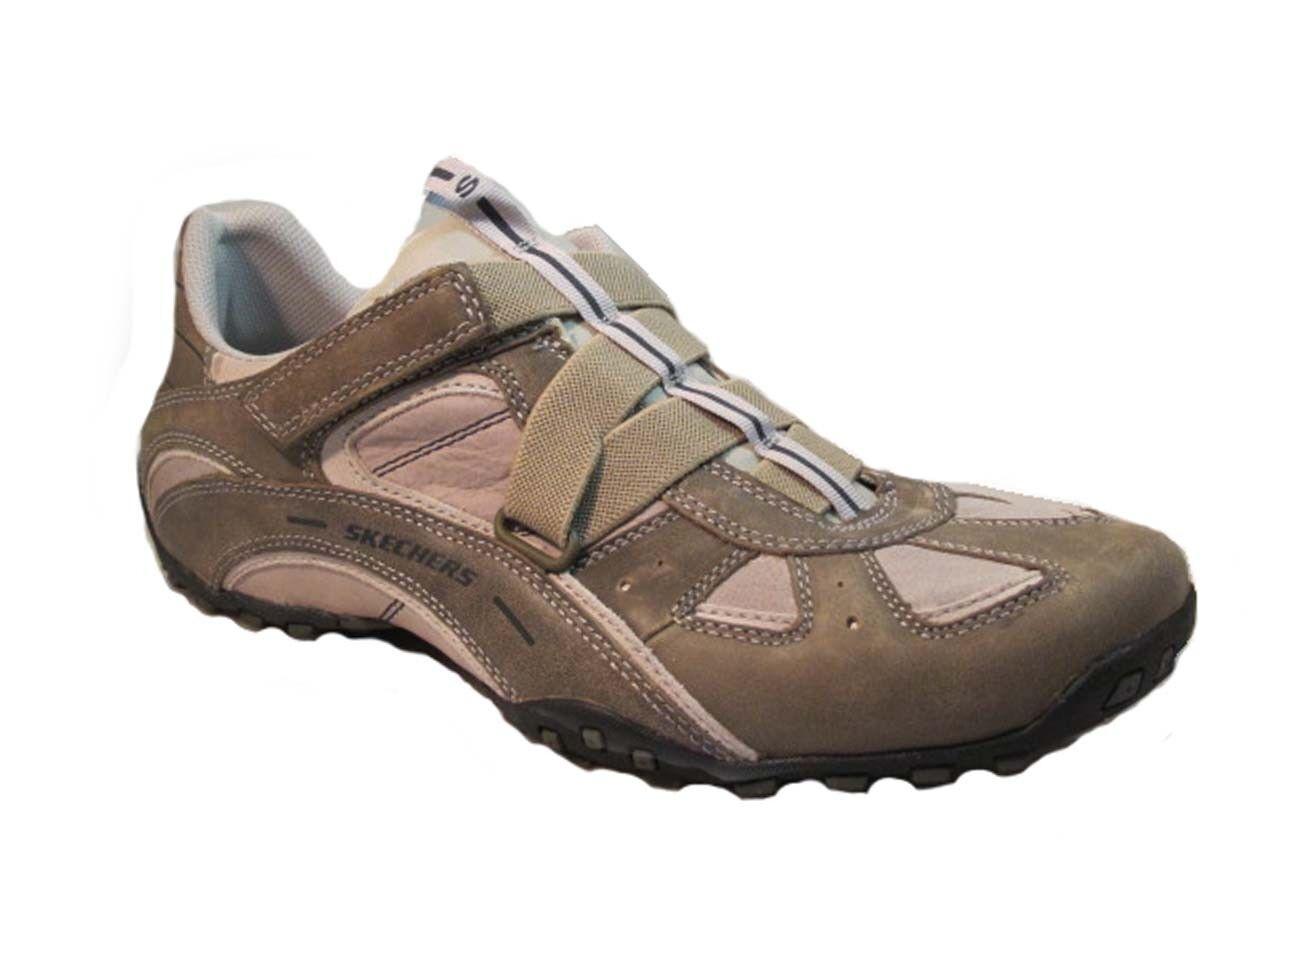 risparmia fino al 70% Skechers Uomo scarpe da ginnastica  Stone Colore 60535 60535 60535  risposte rapide